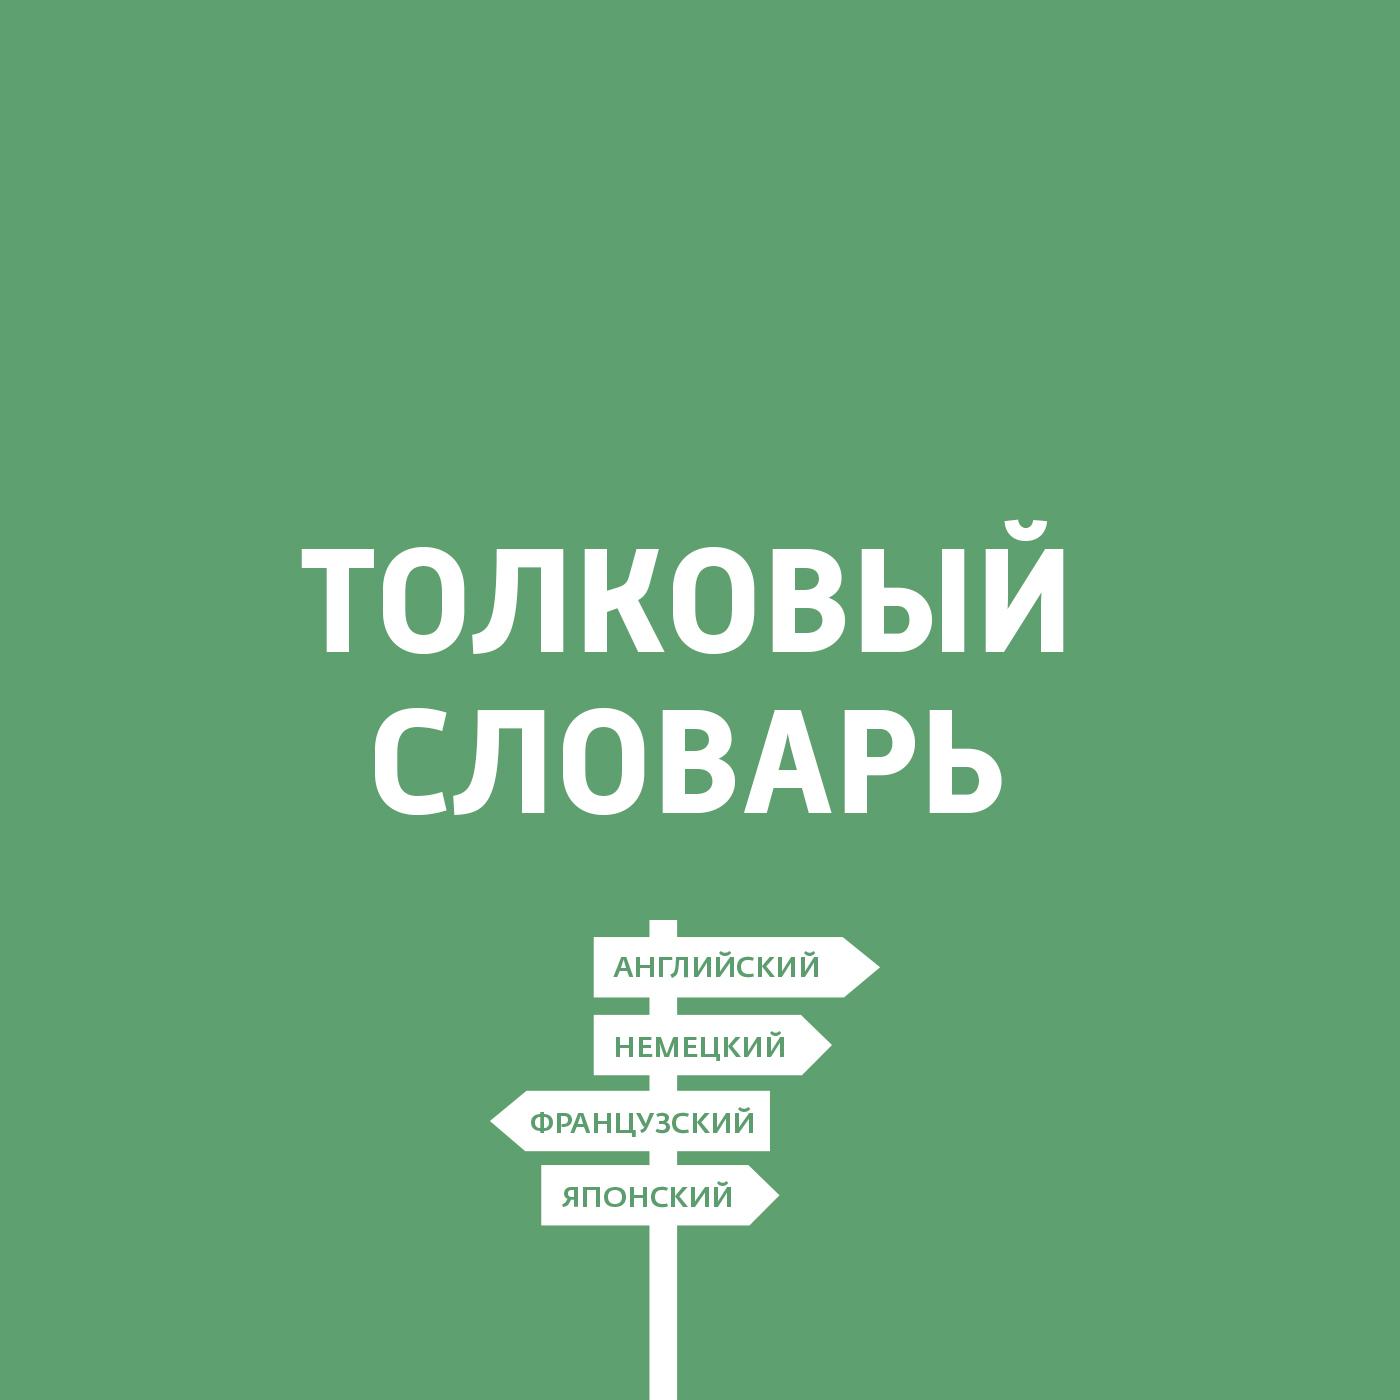 Дмитрий Петров Греческие языки дмитрий петров путешествие в индию